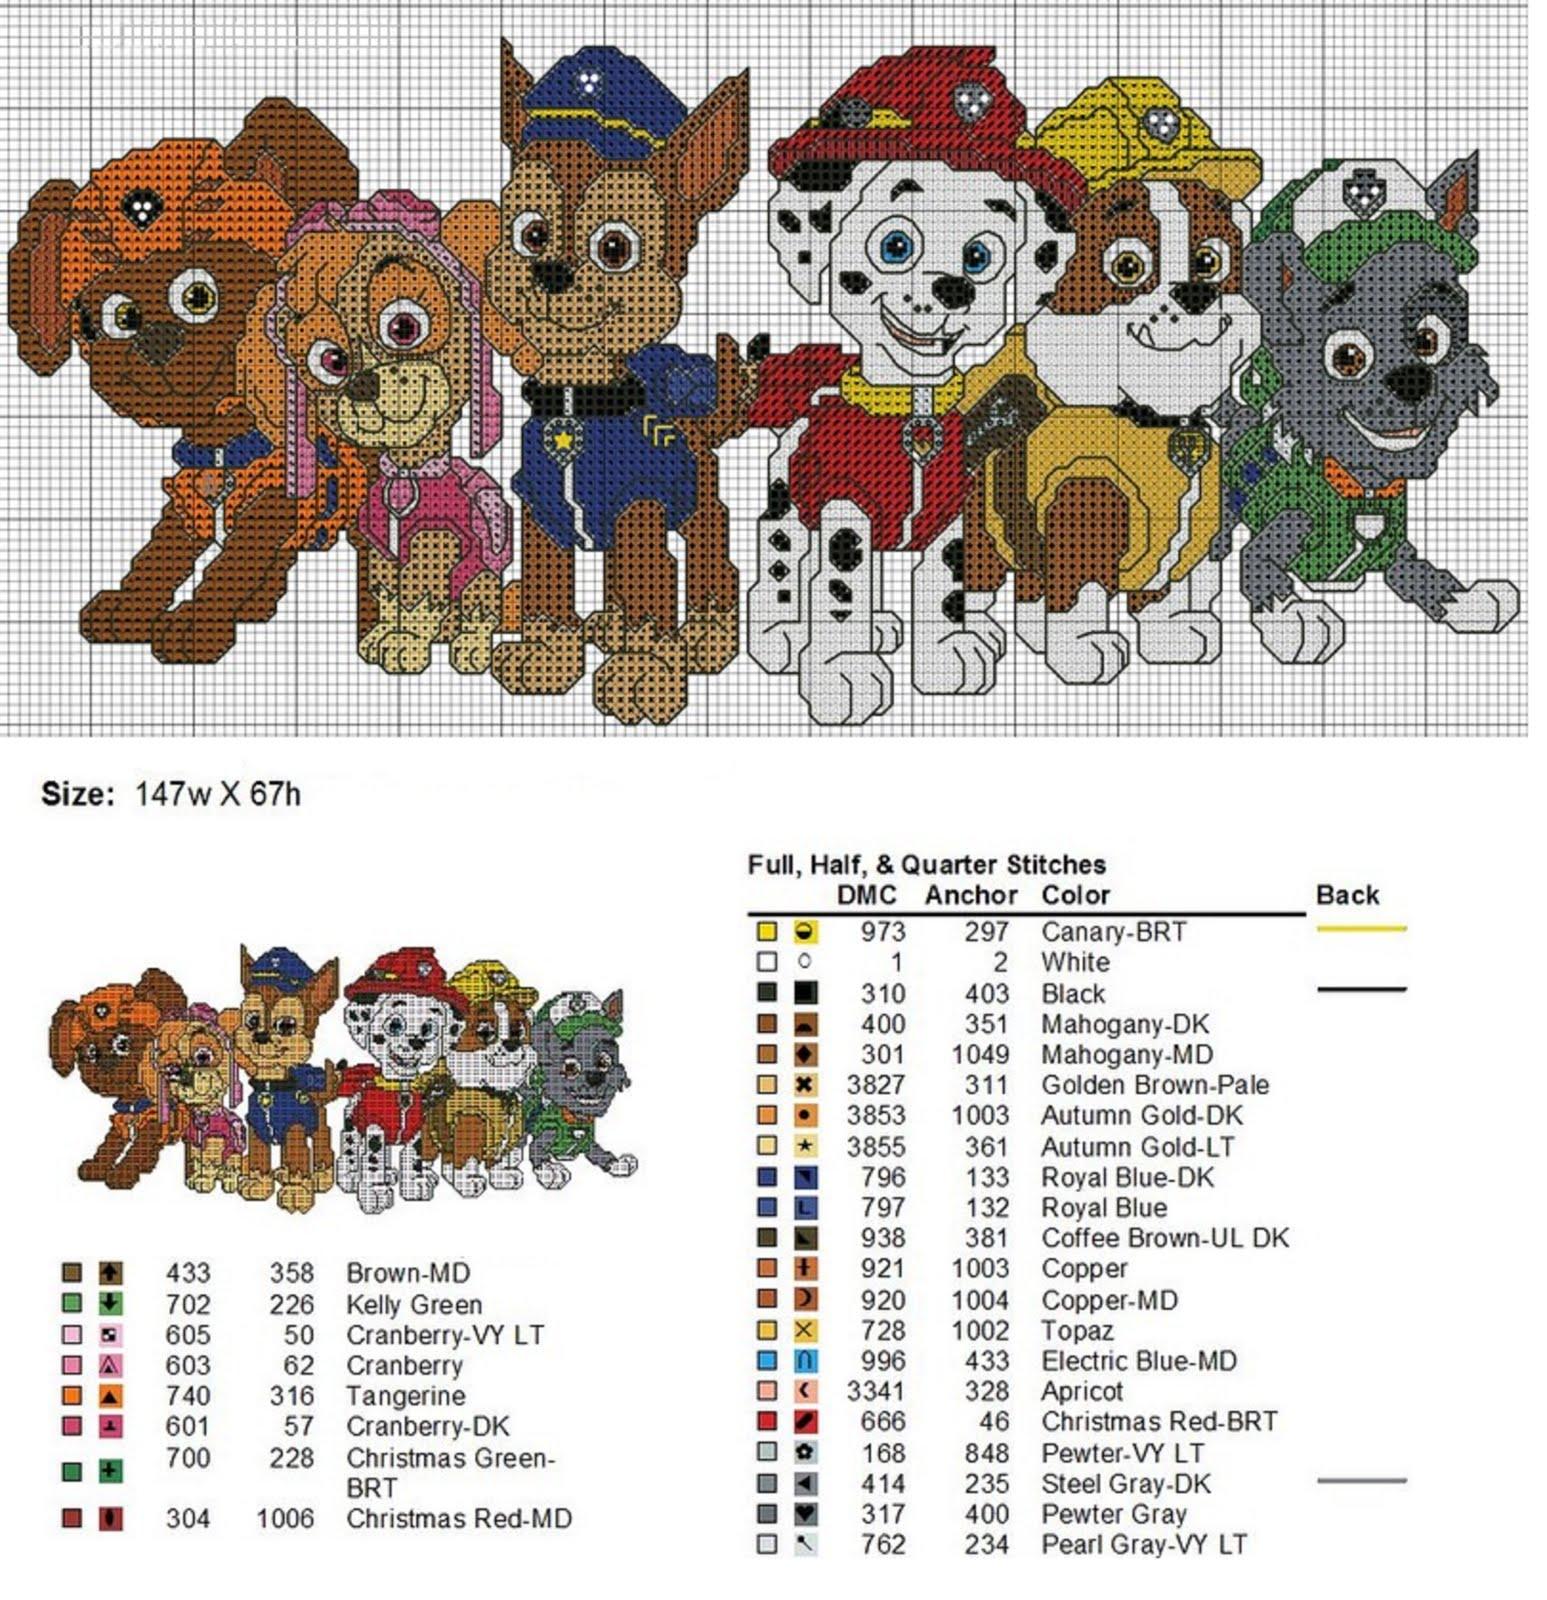 Punto de cruz y otras manualidades patrulla canina - Manualidades patrulla canina ...